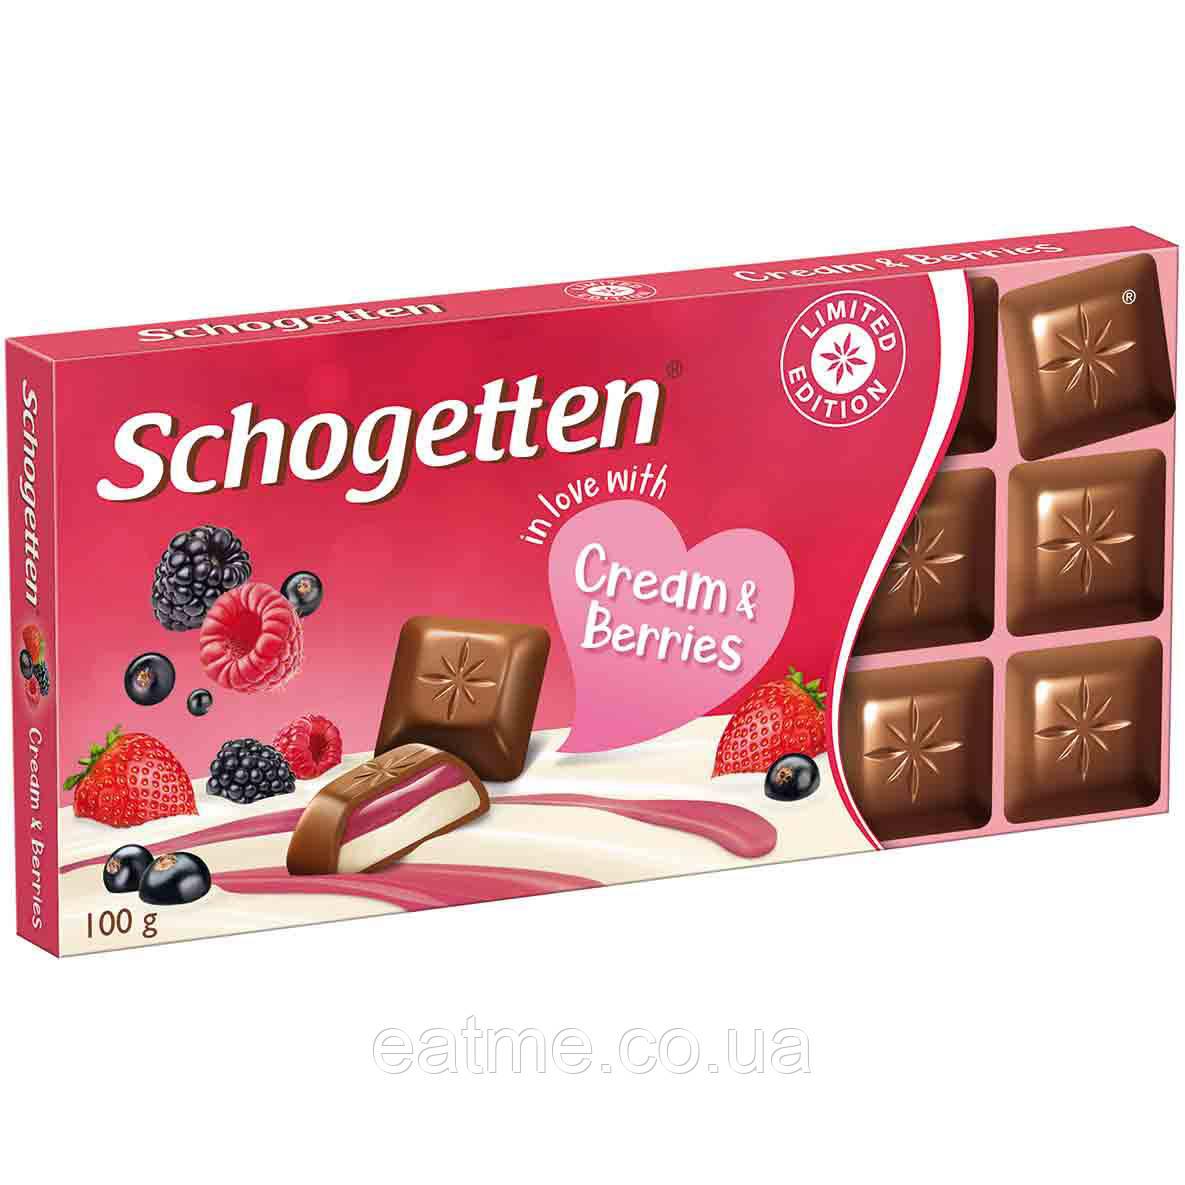 Schogetten Молочный шоколад со сливочным кремом и ягодами